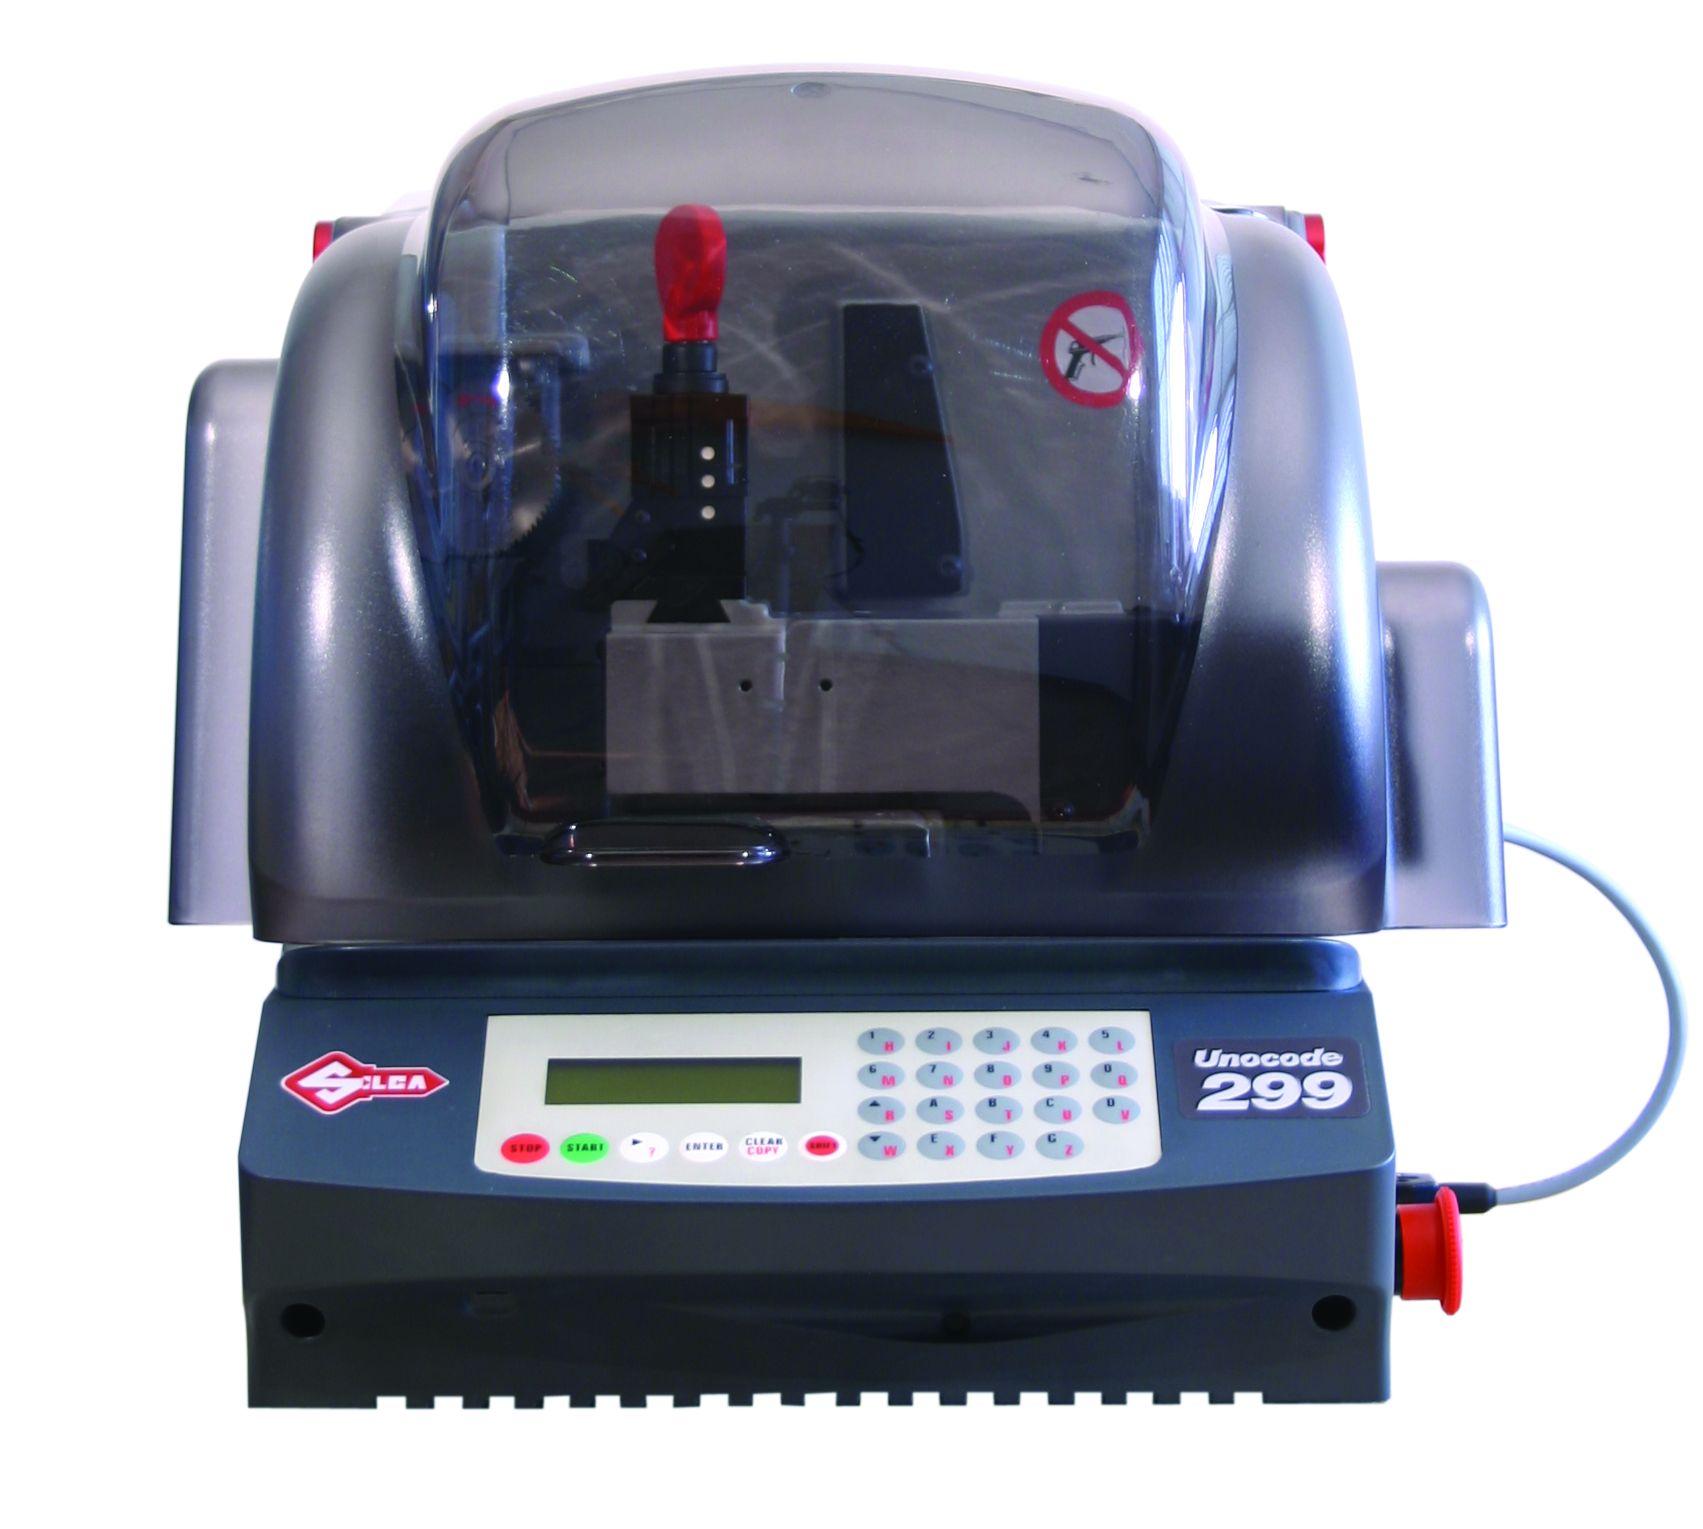 Unocode 299